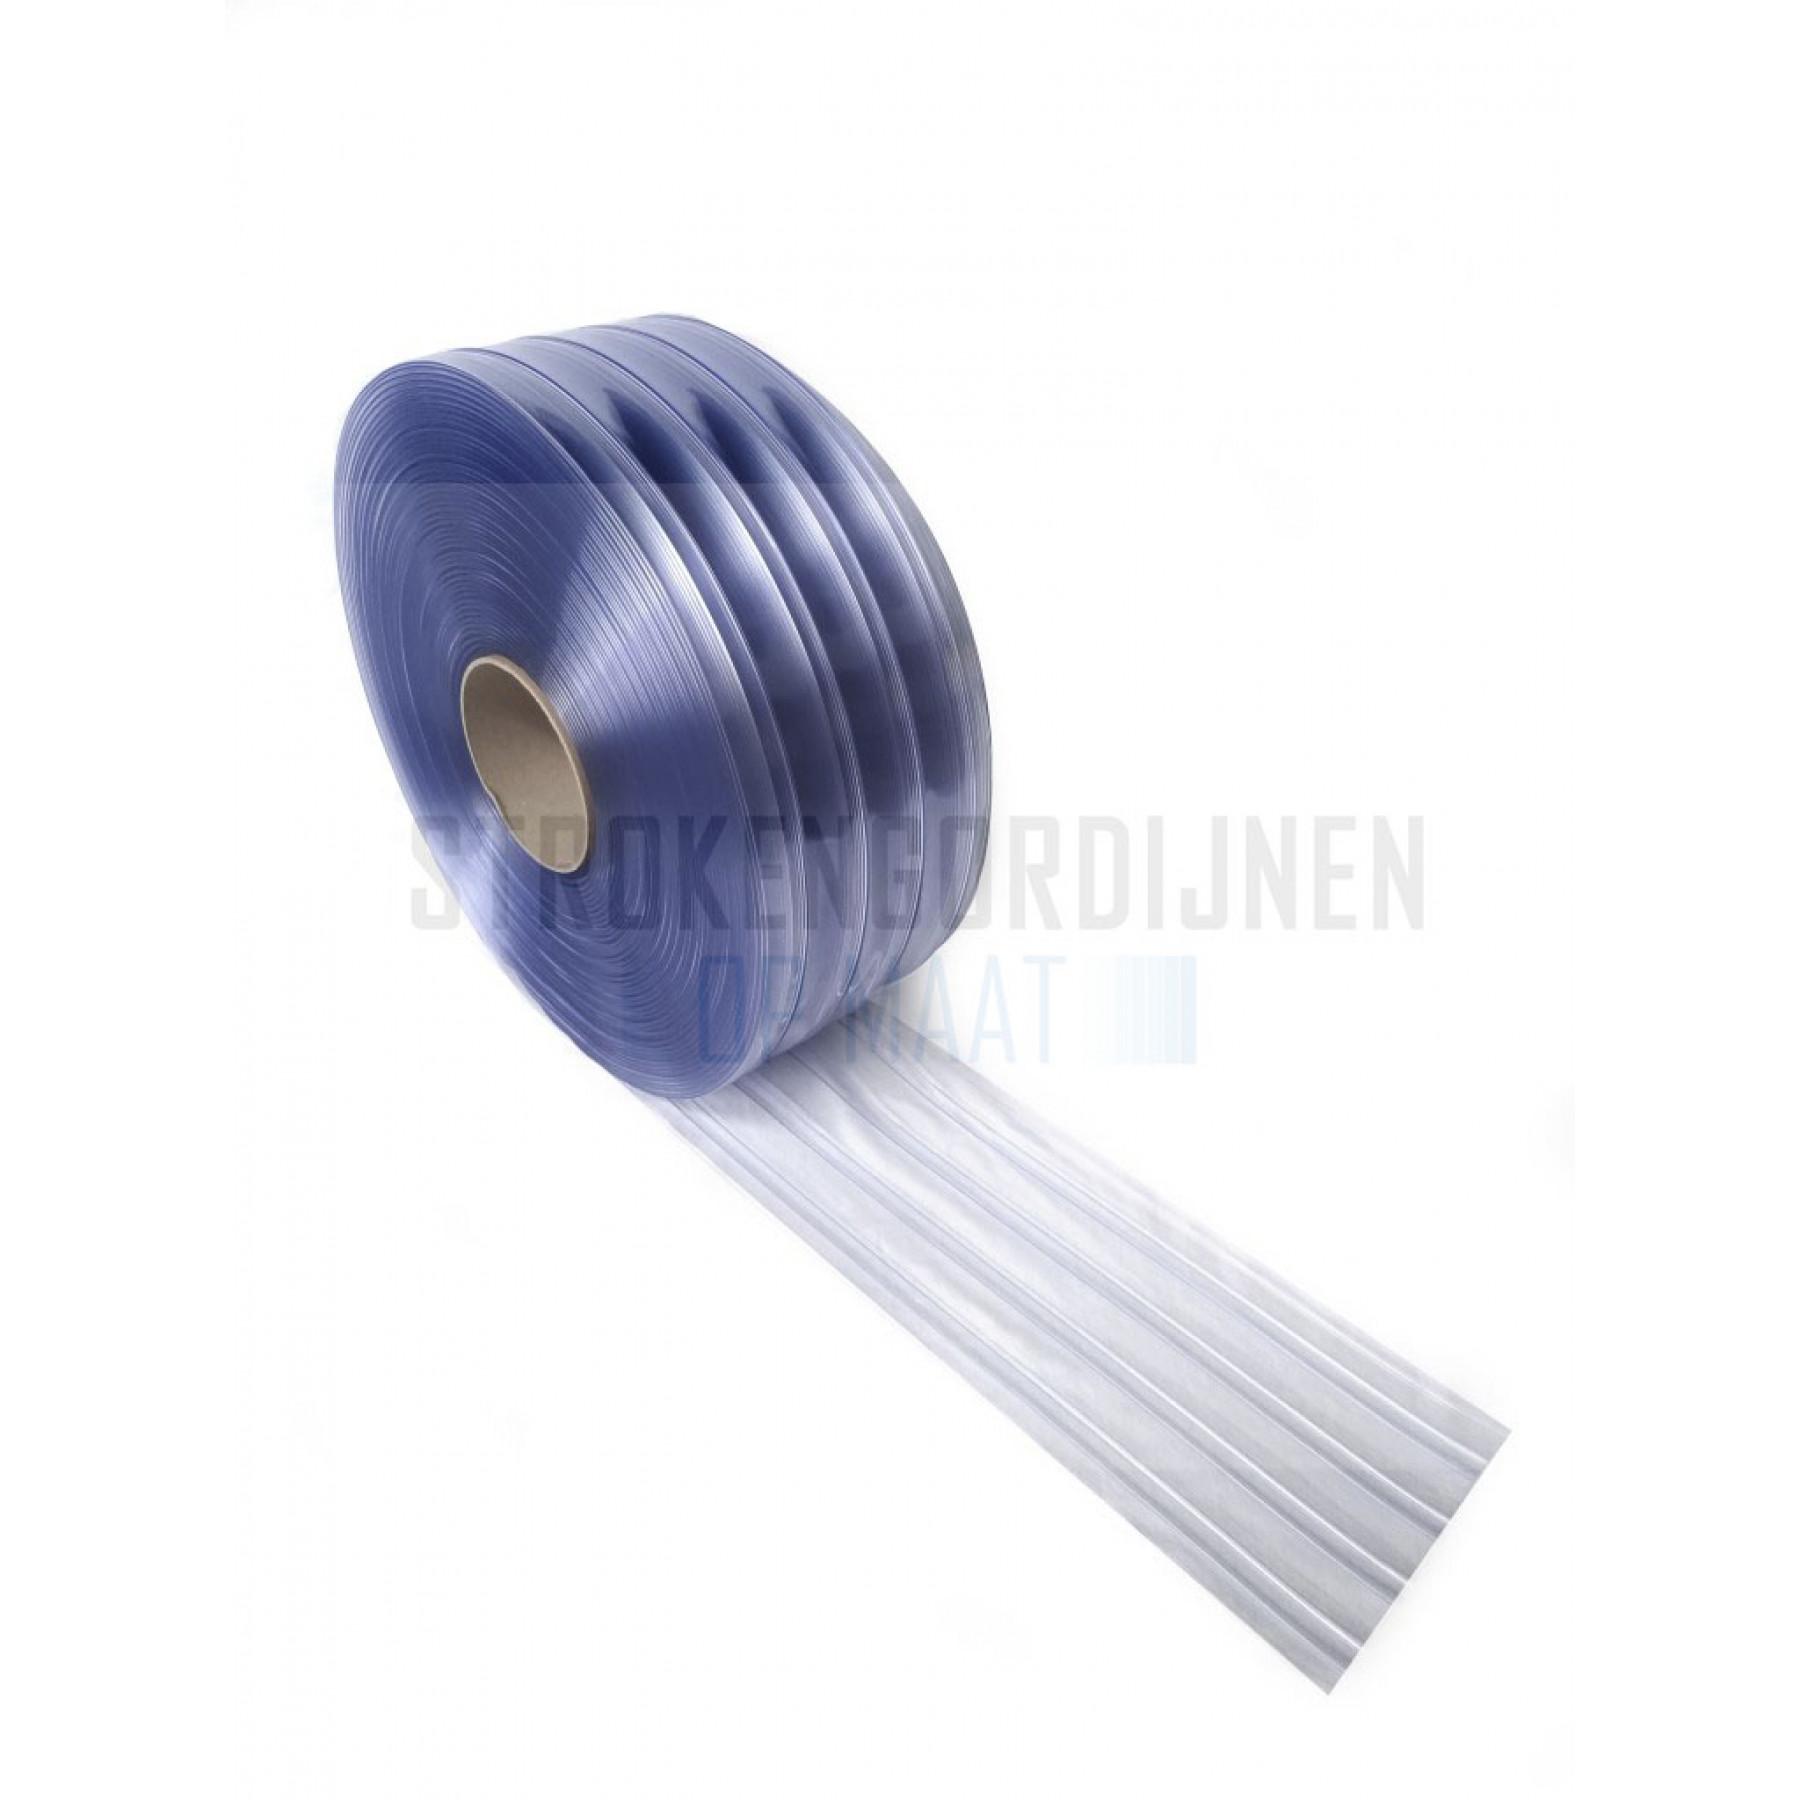 PVC Ribbed op rol, 200mm breed, 2mm dik, 50 meter lengte, diepvrieskwaliteit, transparant